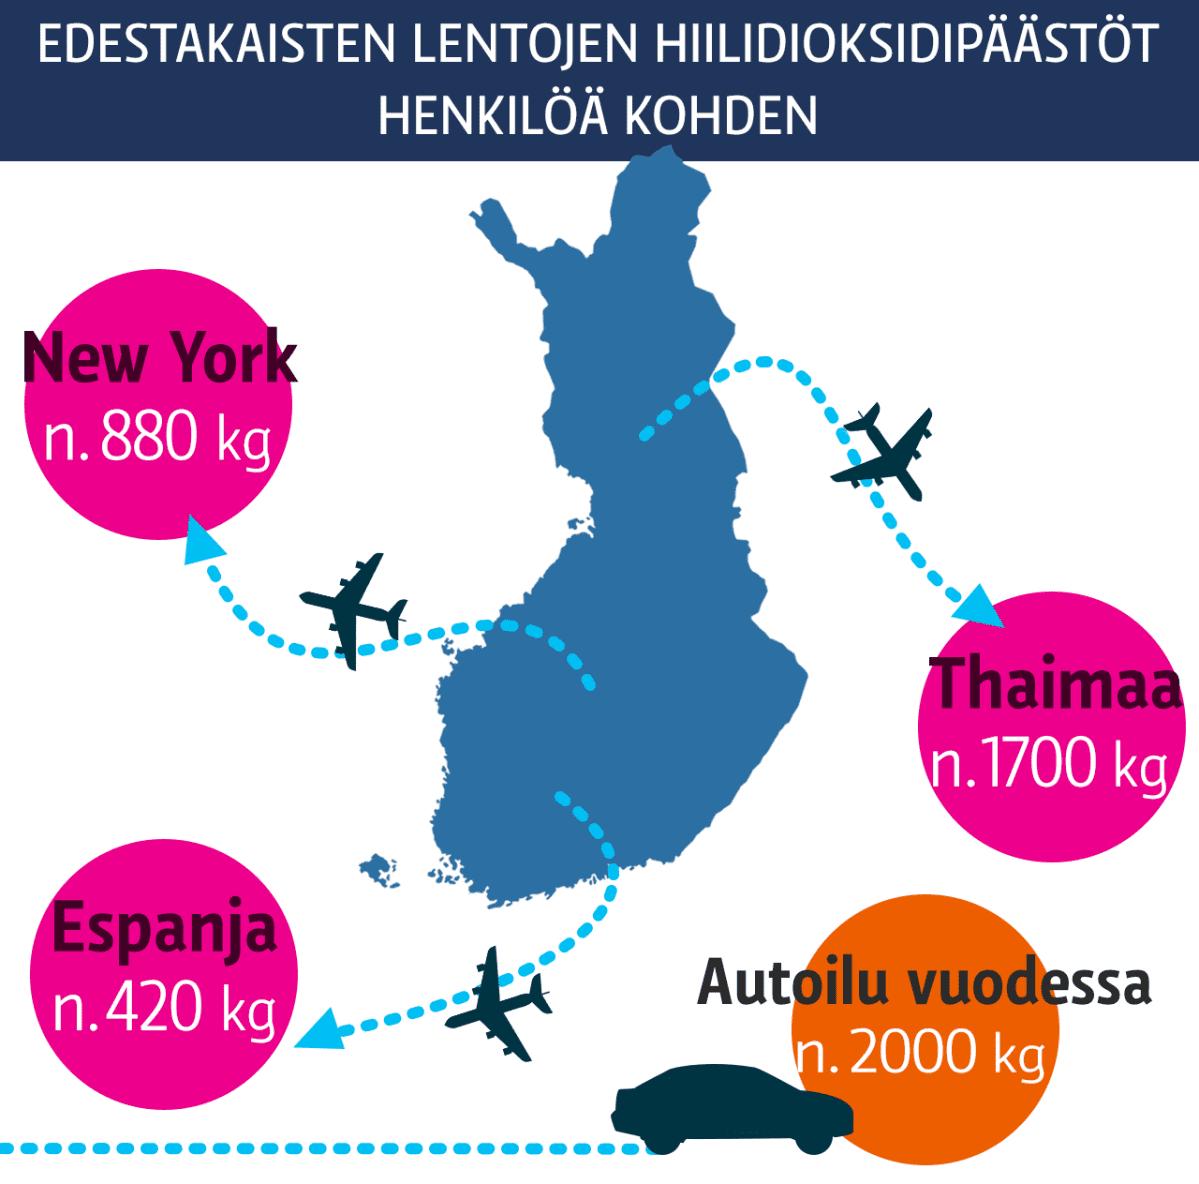 Grafiikka lentämisen ja autoilun hiilidioksidipäästöistä.